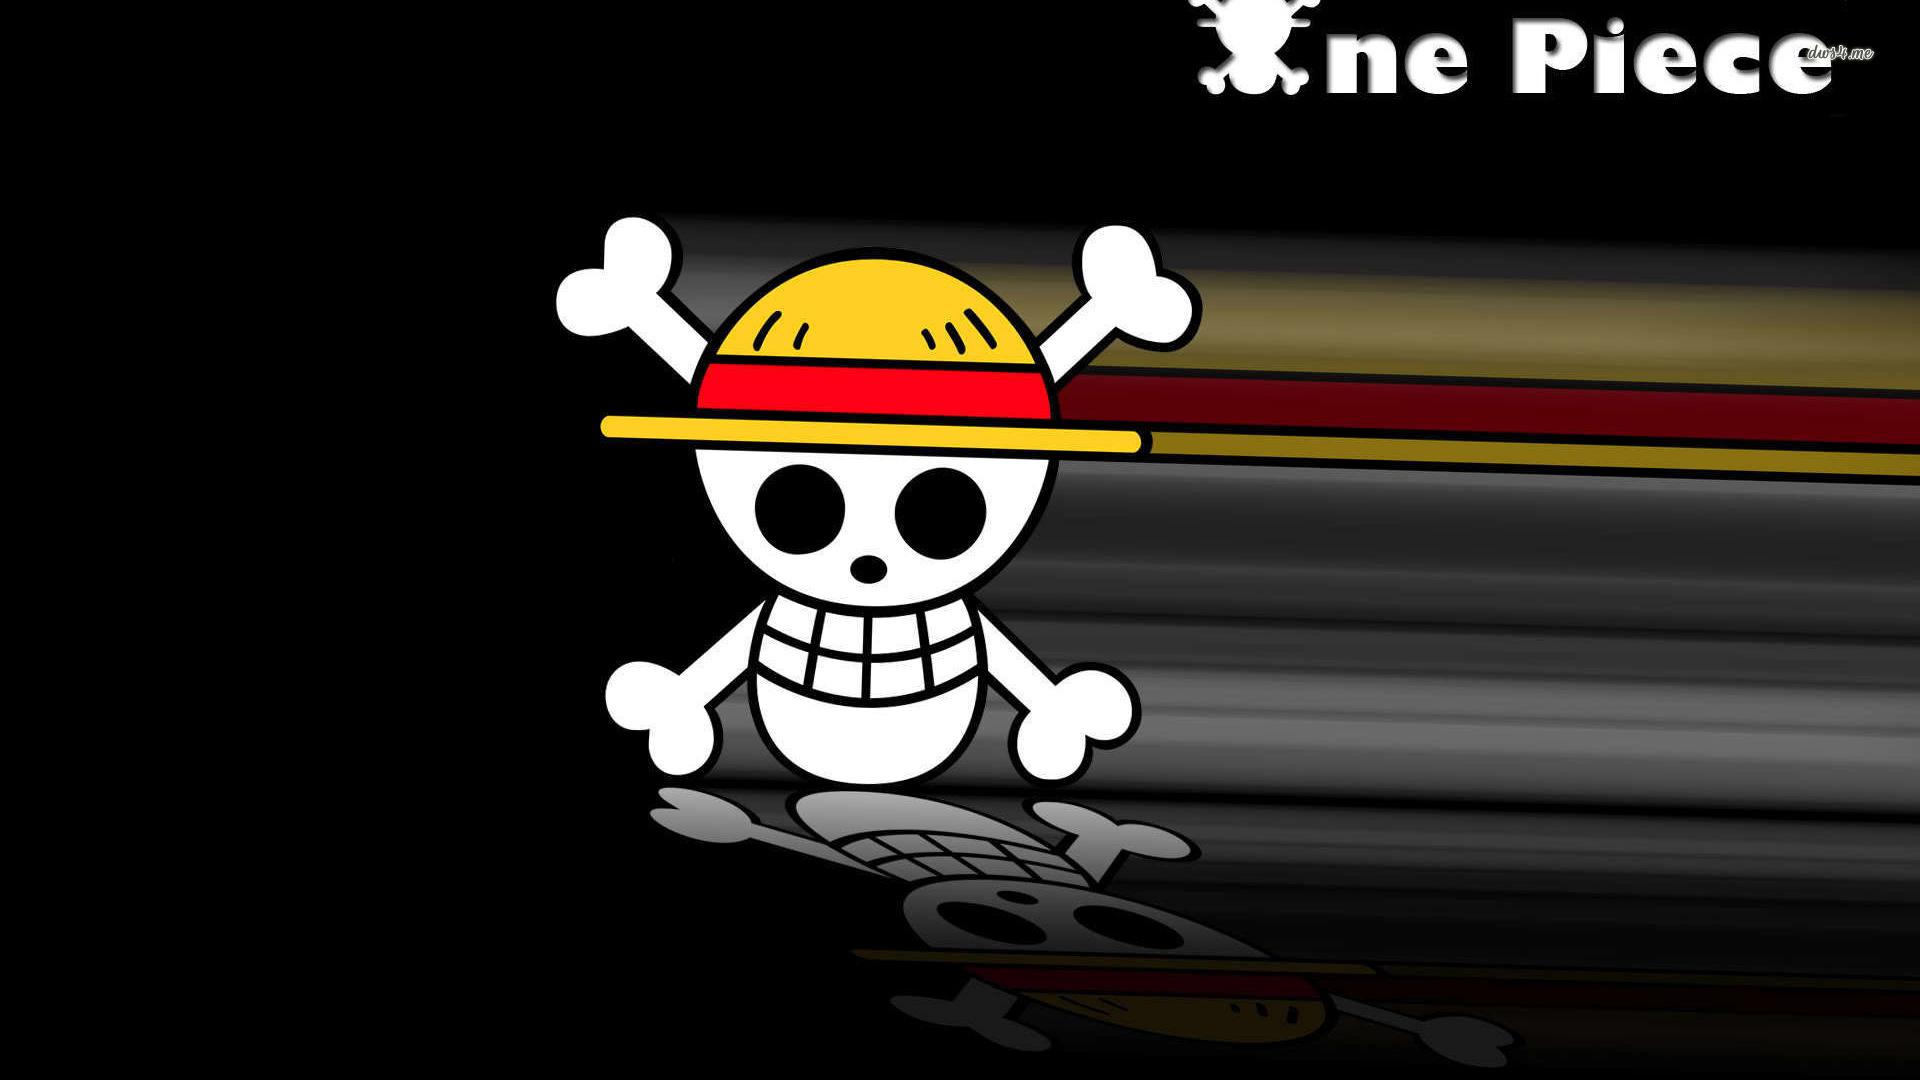 海賊旗 2 ワンピース One Piece 壁紙 待ち受け集 スマホ無料壁紙